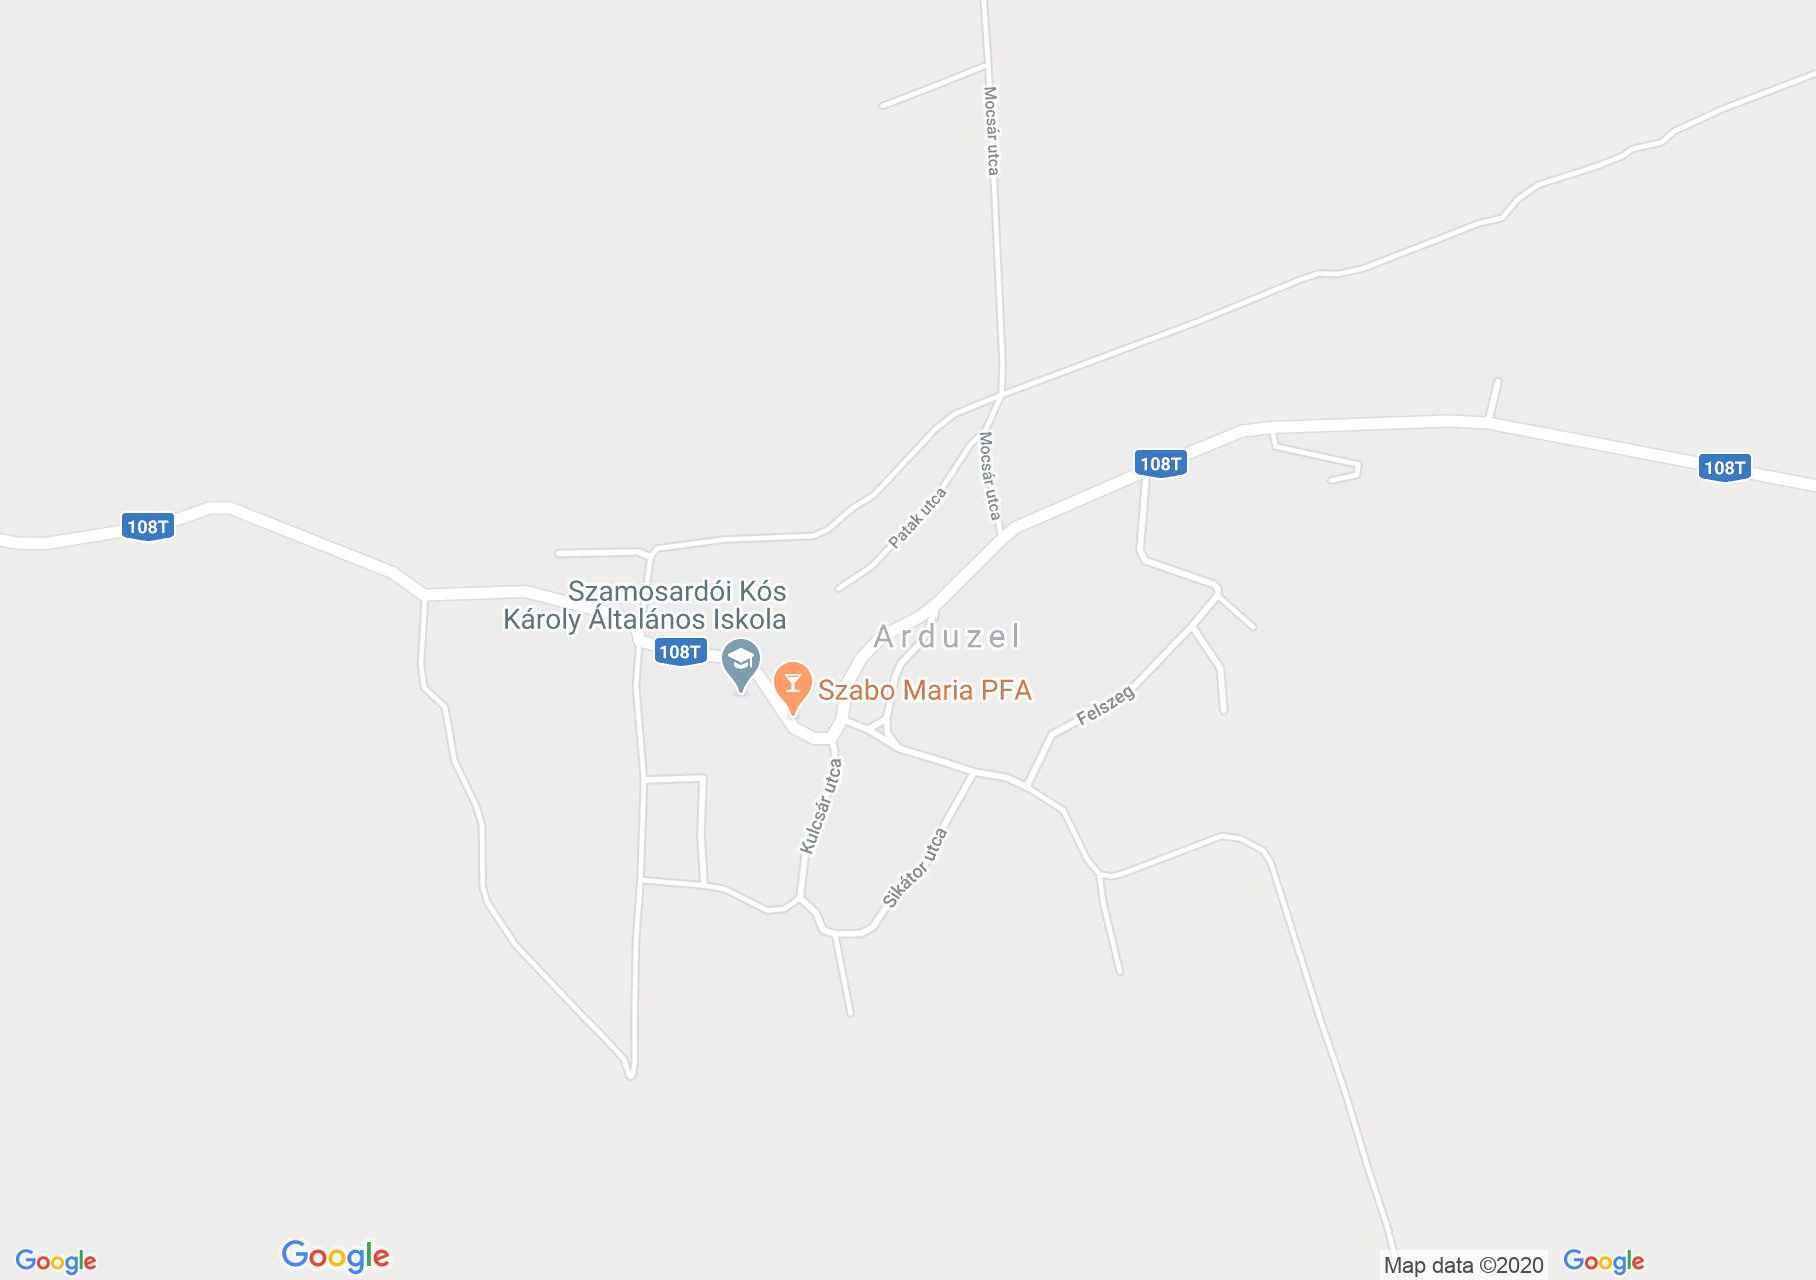 Arduzel, Harta turistică interactivă